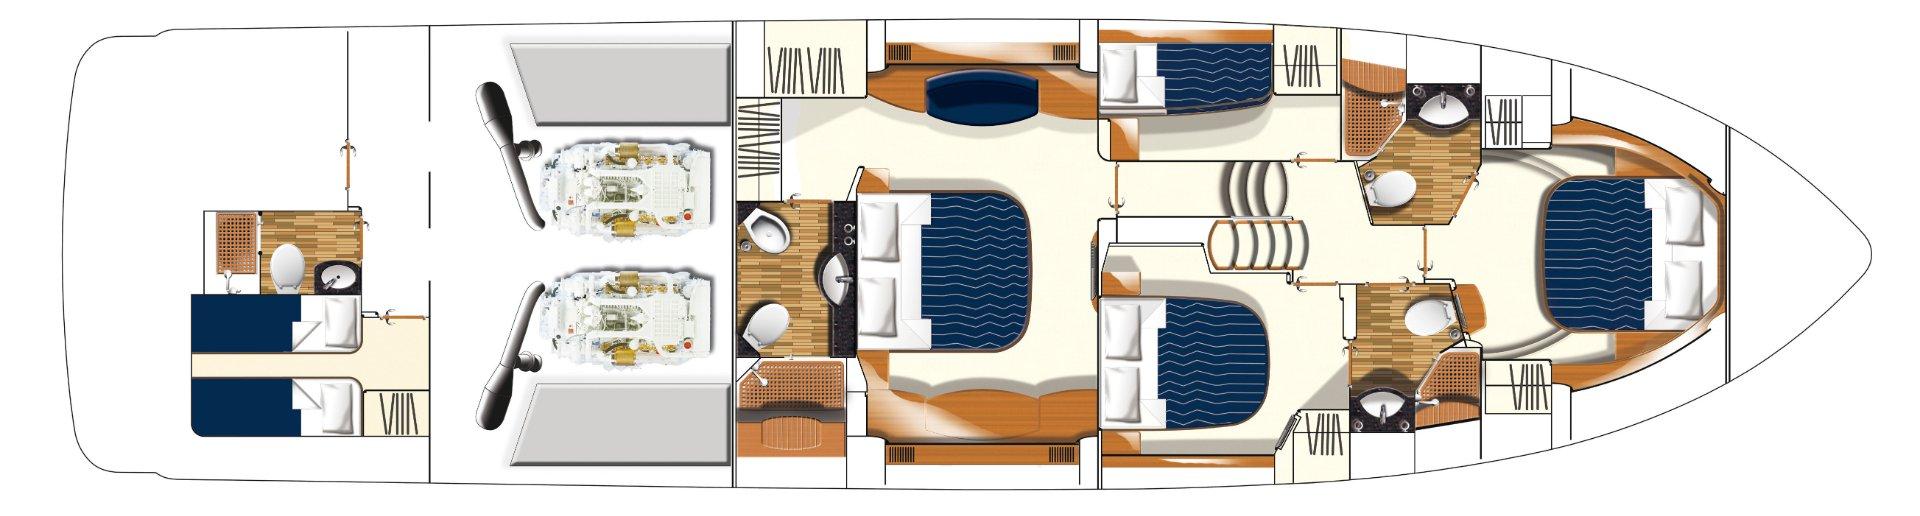 01 layout 2